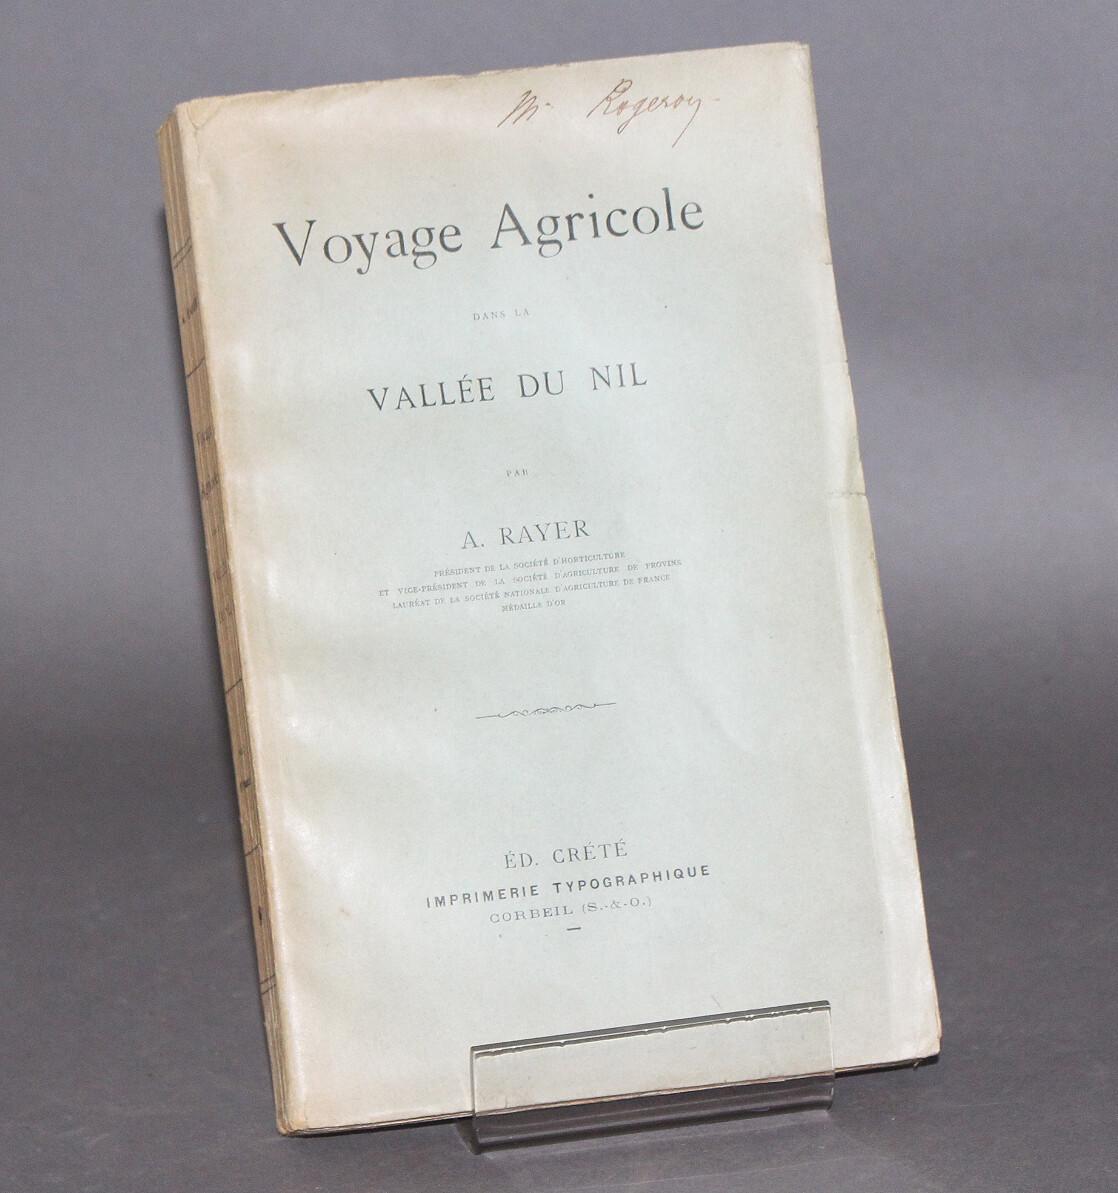 RAYER.- Voyage agricole dans la vallée du Nil.- 1902. Édition originale.